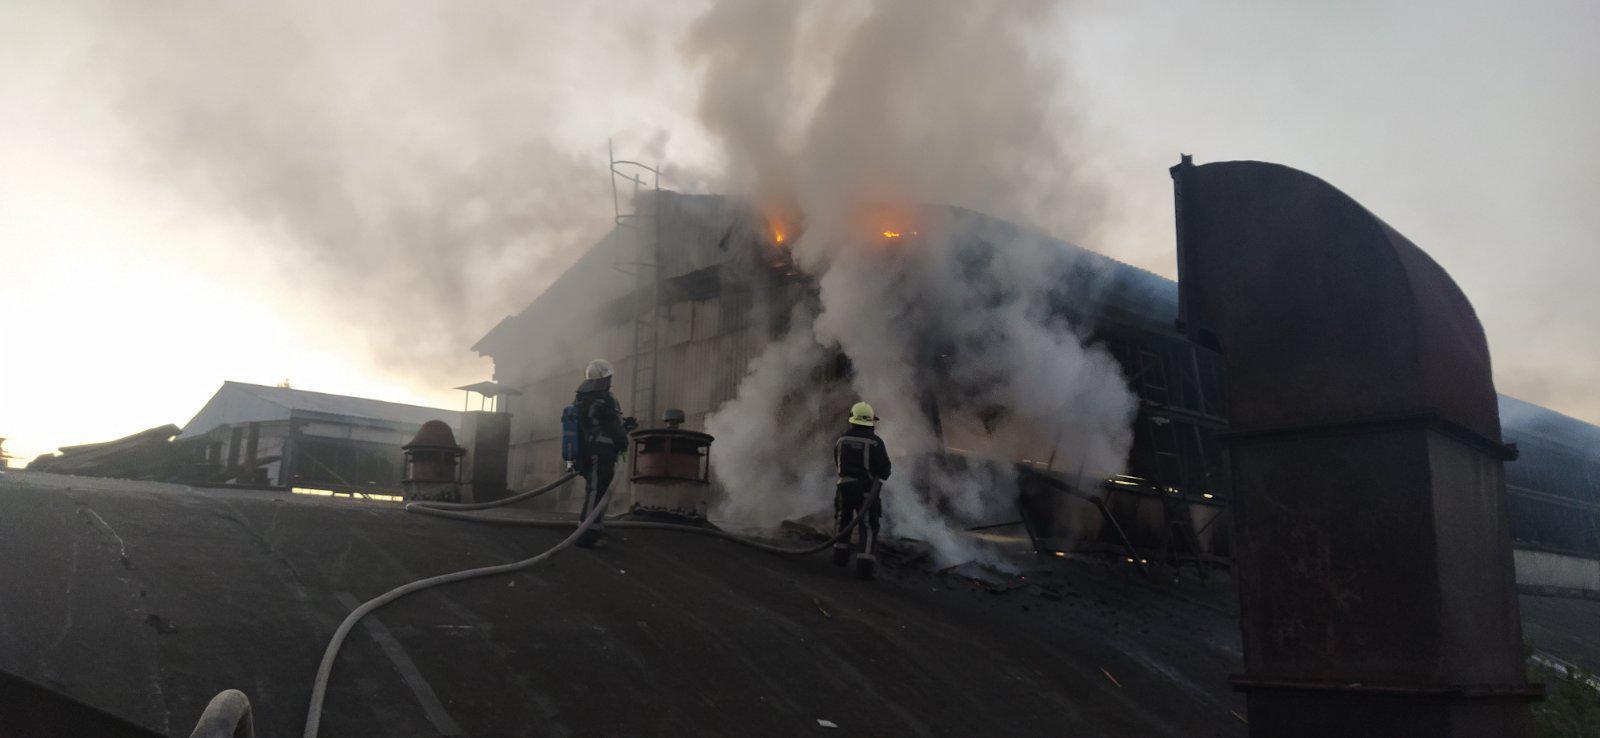 У Білій Церкві загорівся колишній завод «Білоцерківмаз» - пожежа, Біла Церква - yzobrazhenye viber